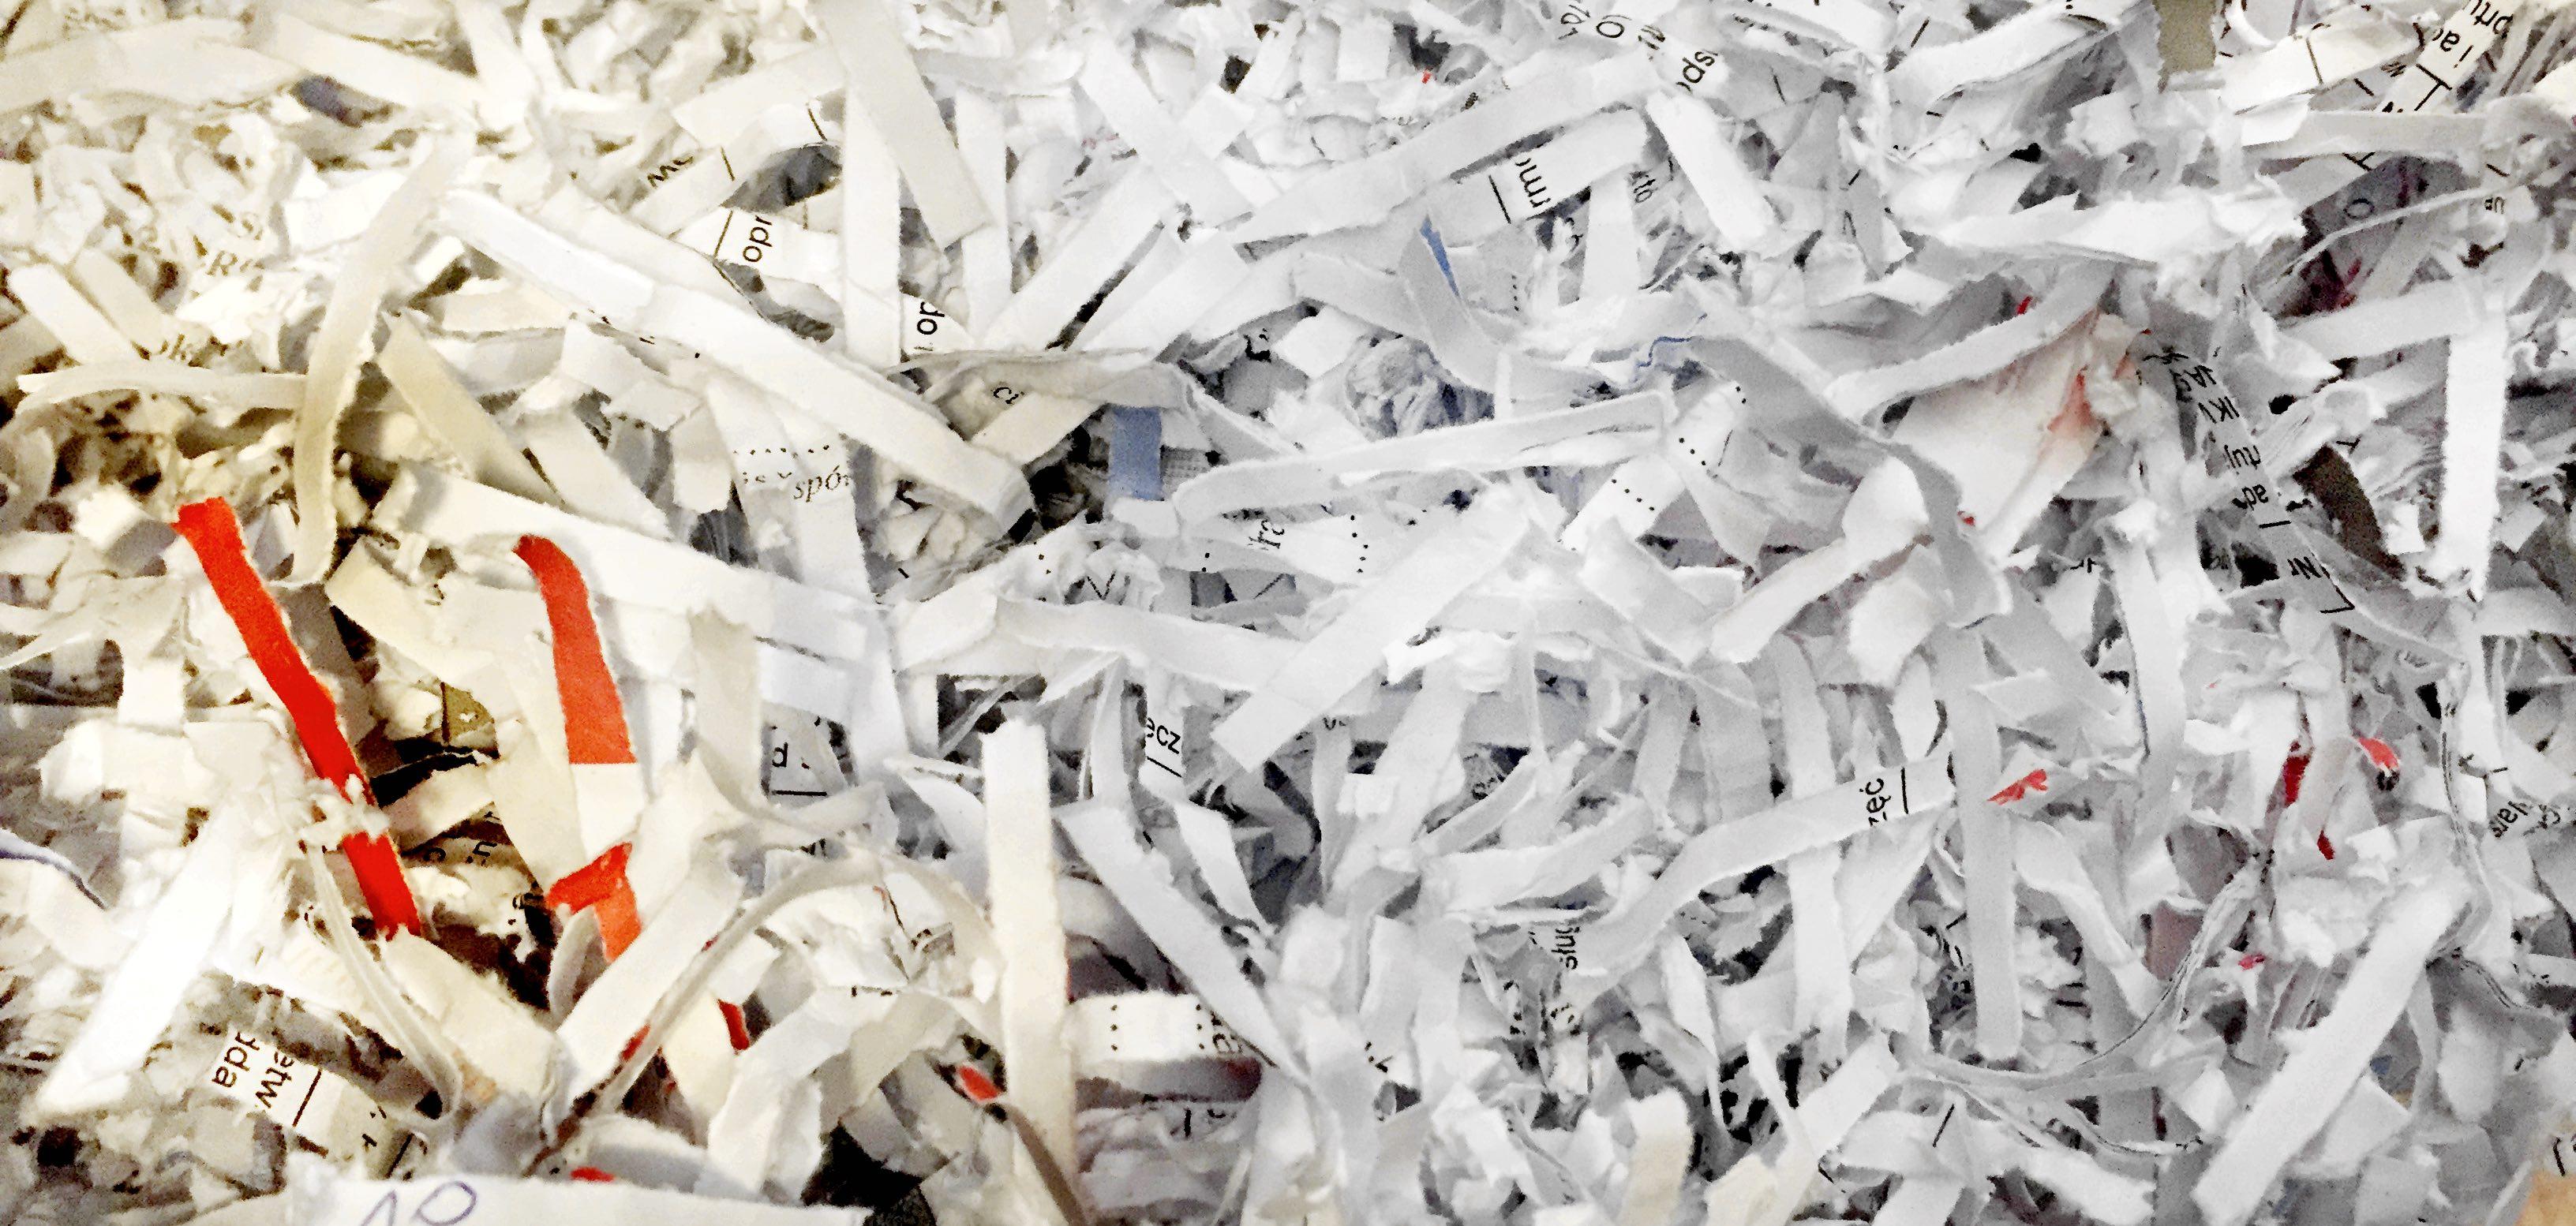 Niszczenie dokumentów, brakowanie dokumentacji, niszczenie nośników